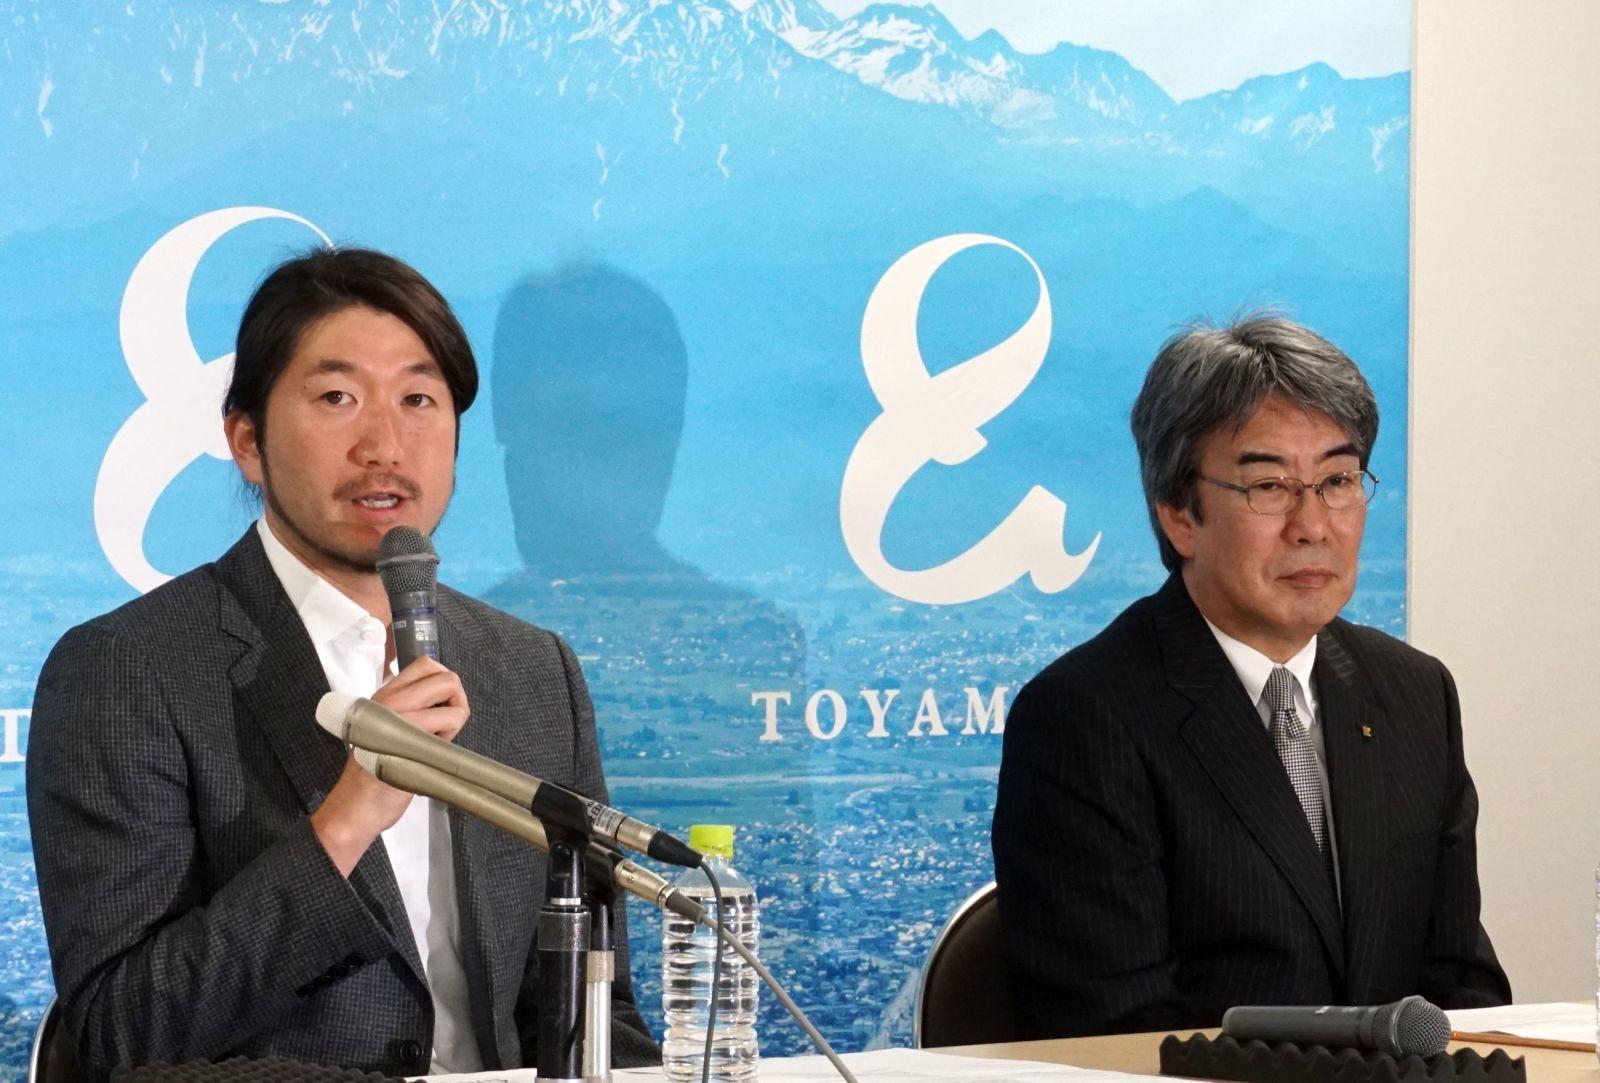 (左)千葉ロッテマリーンズ 石川歩 (右)北日本新聞社 駒澤信雄